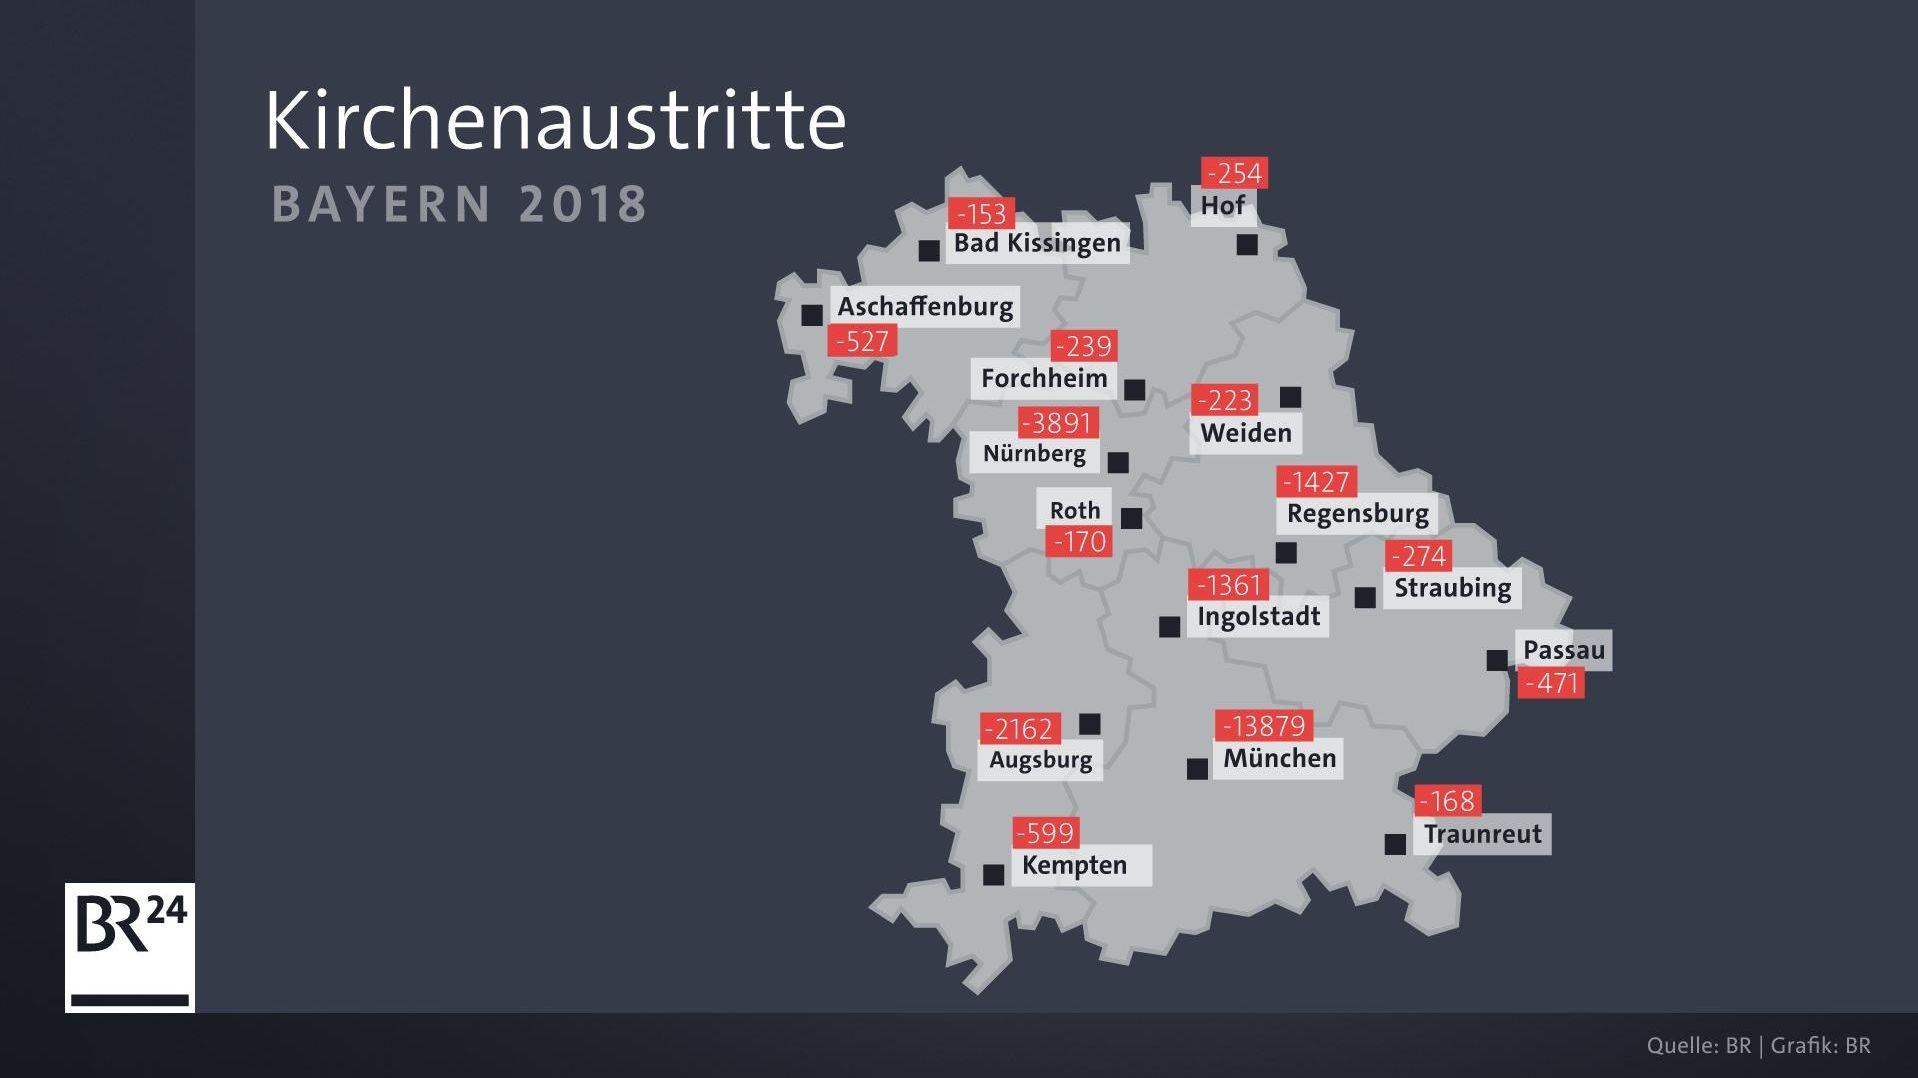 Kirchenaustritte in Bayern 2018